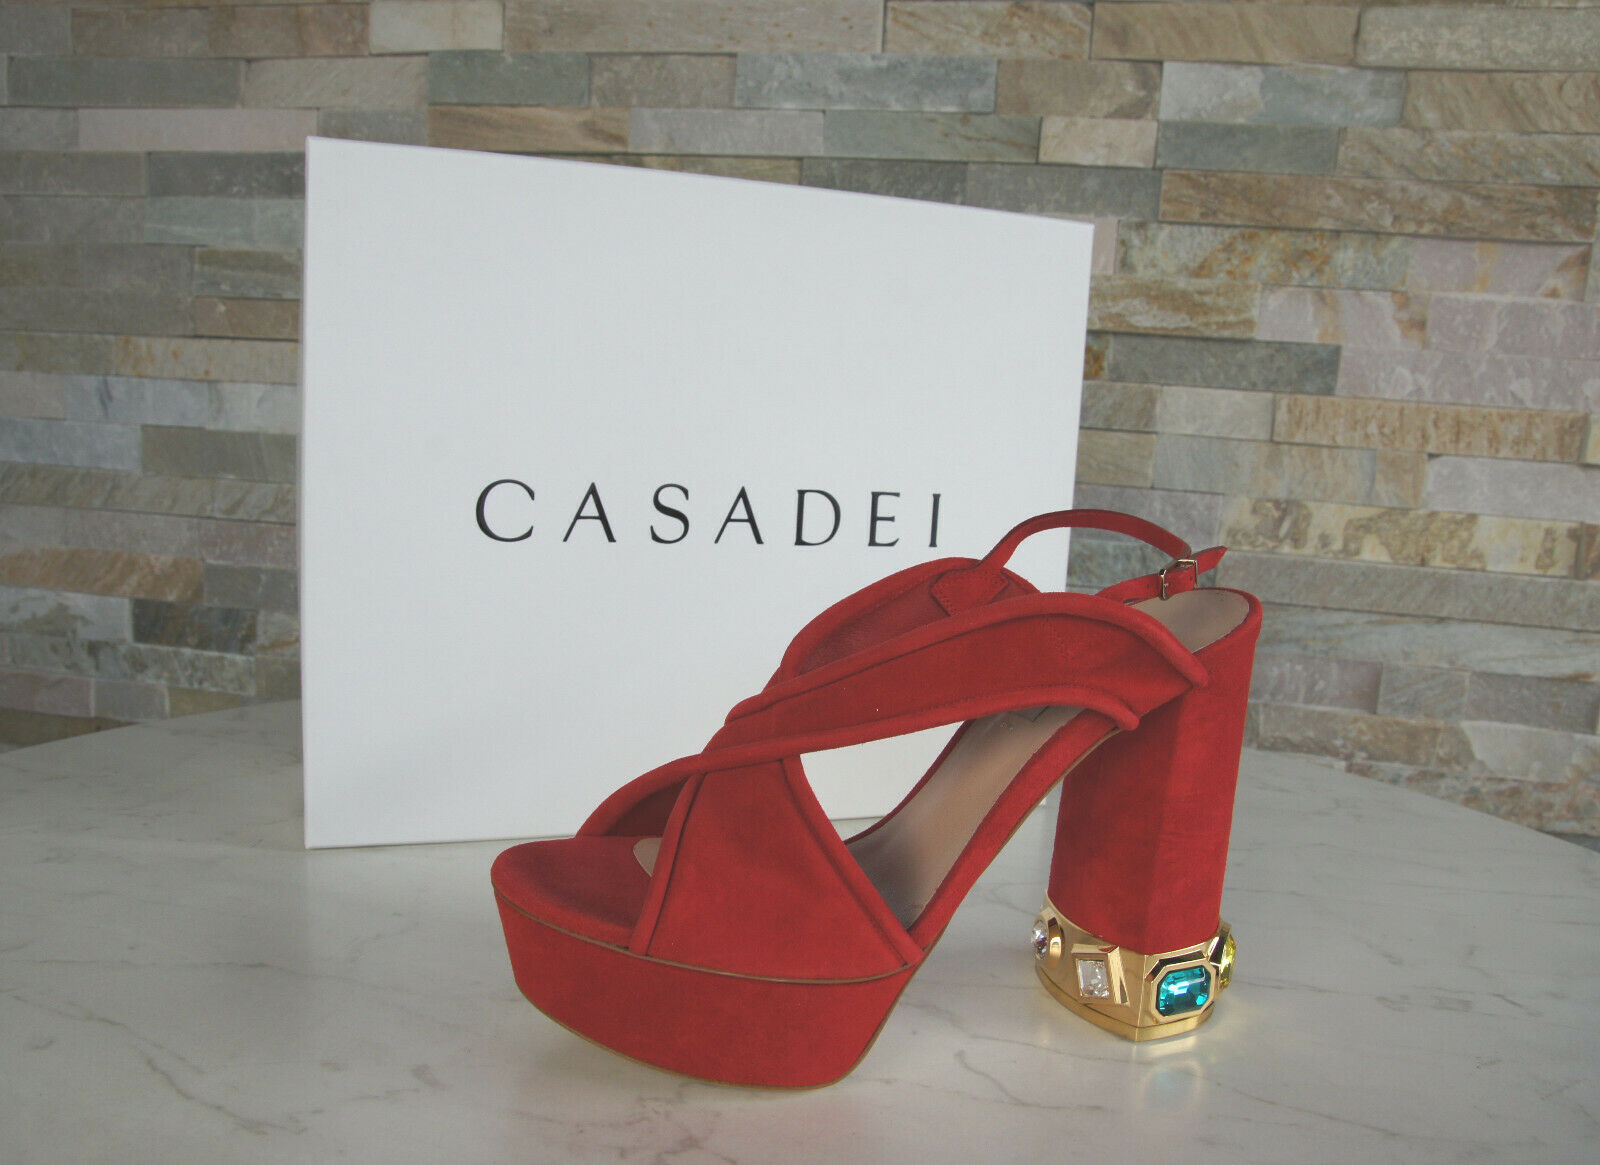 CASADEI Gr 37,5 Sandaletten High Heels Abendschuhe Schuhe rot neu ehem